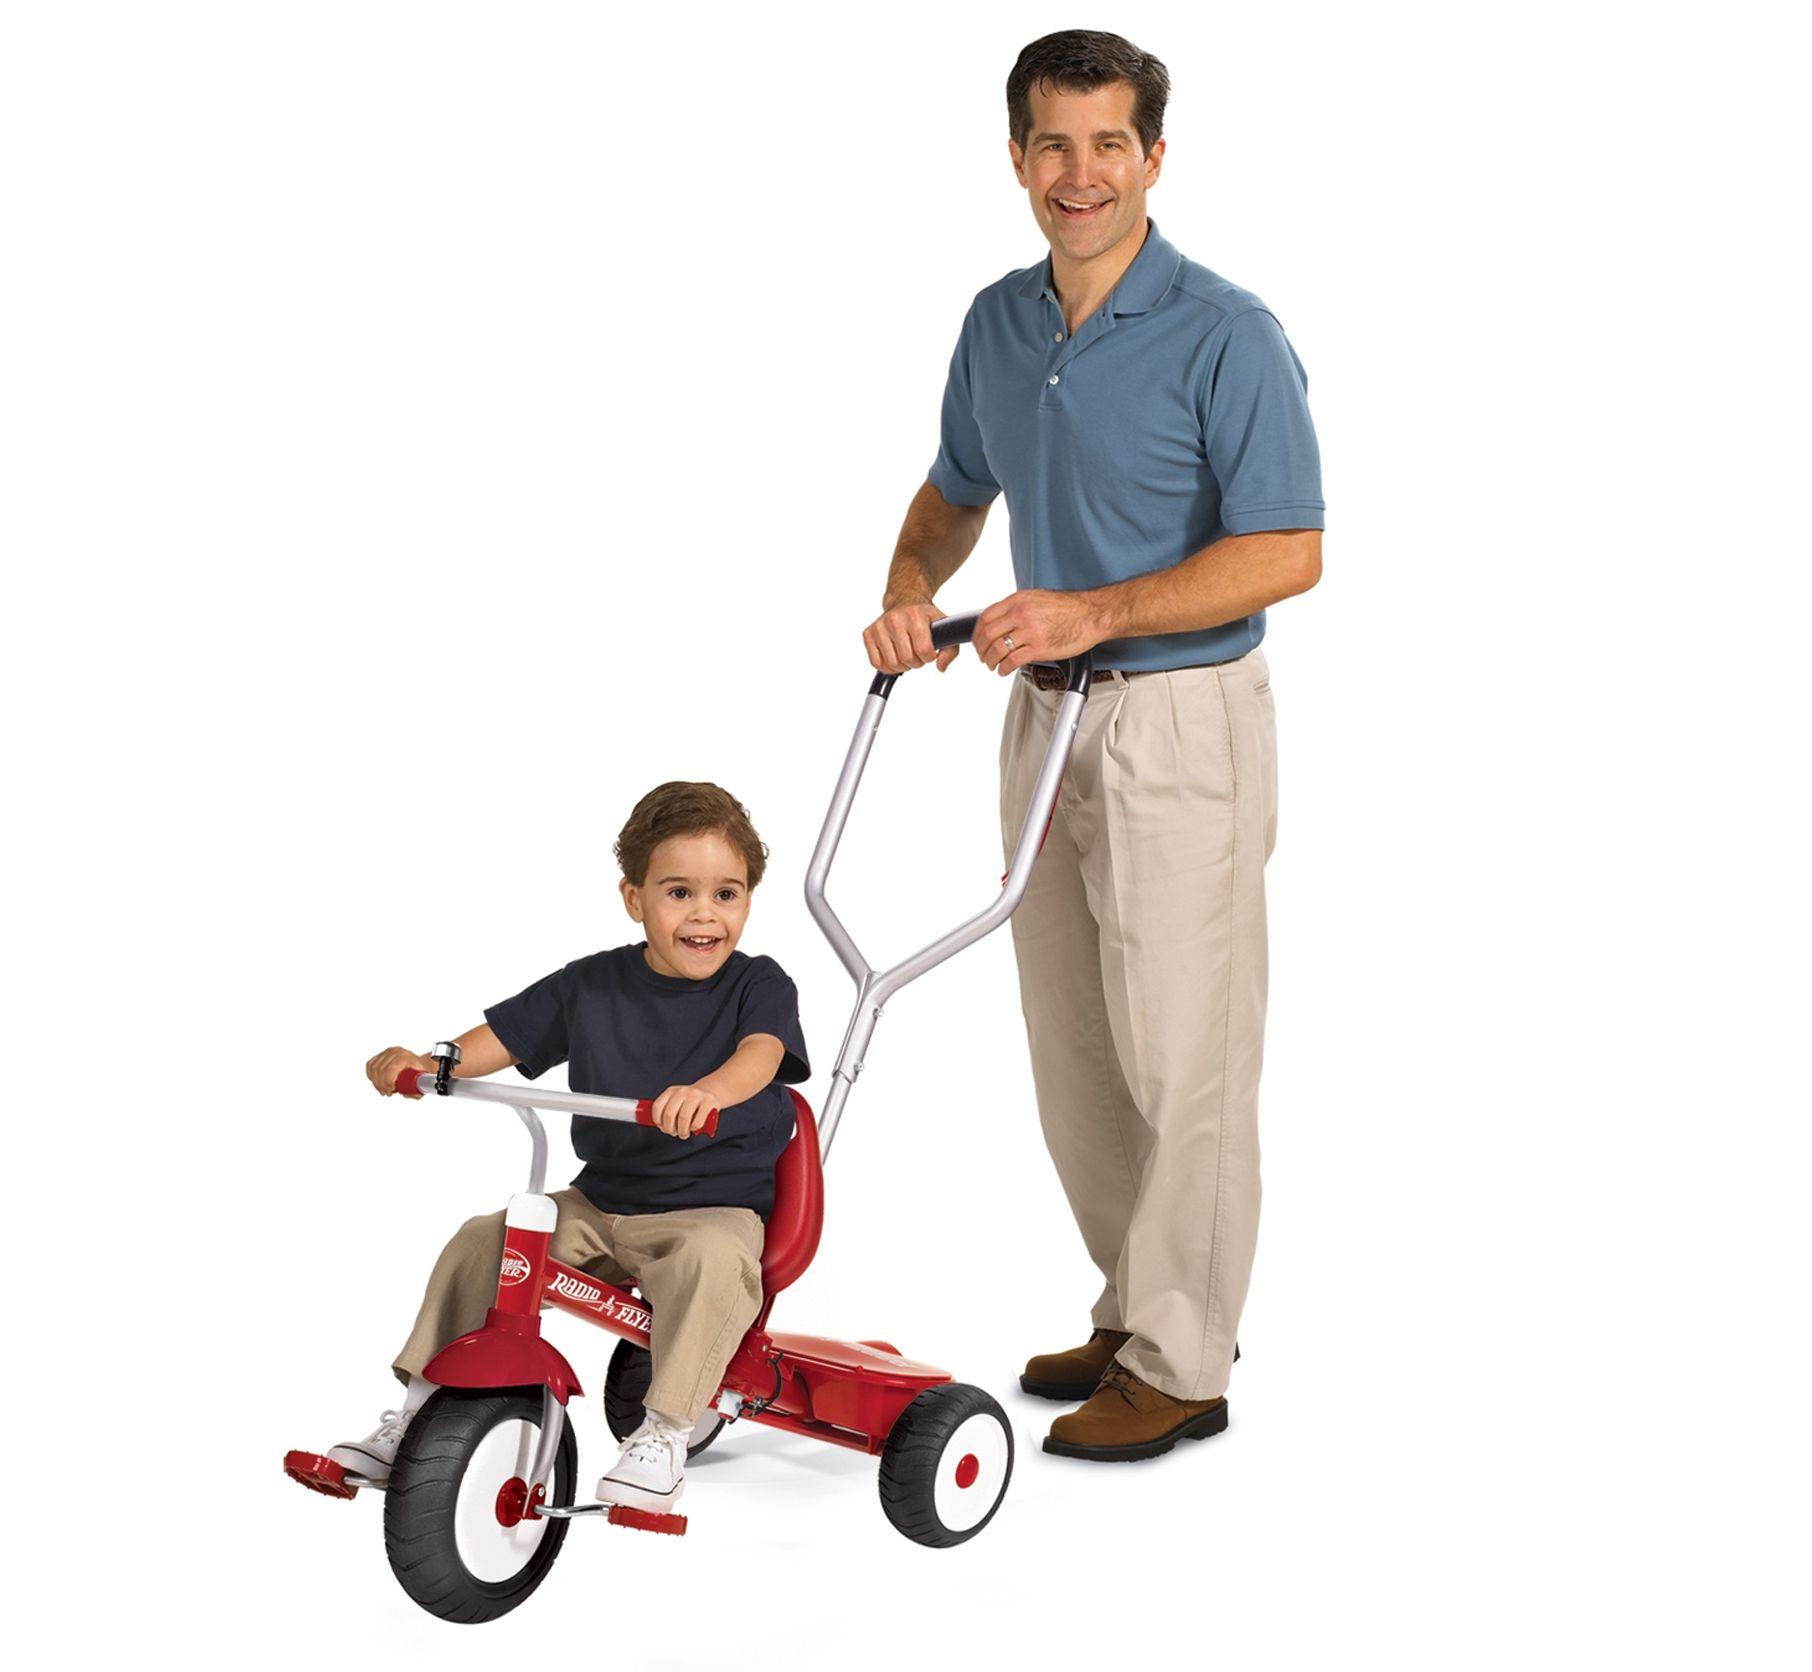 Deluxe Steer & Stroll® Trike Tricycle, Kids trike, Radio